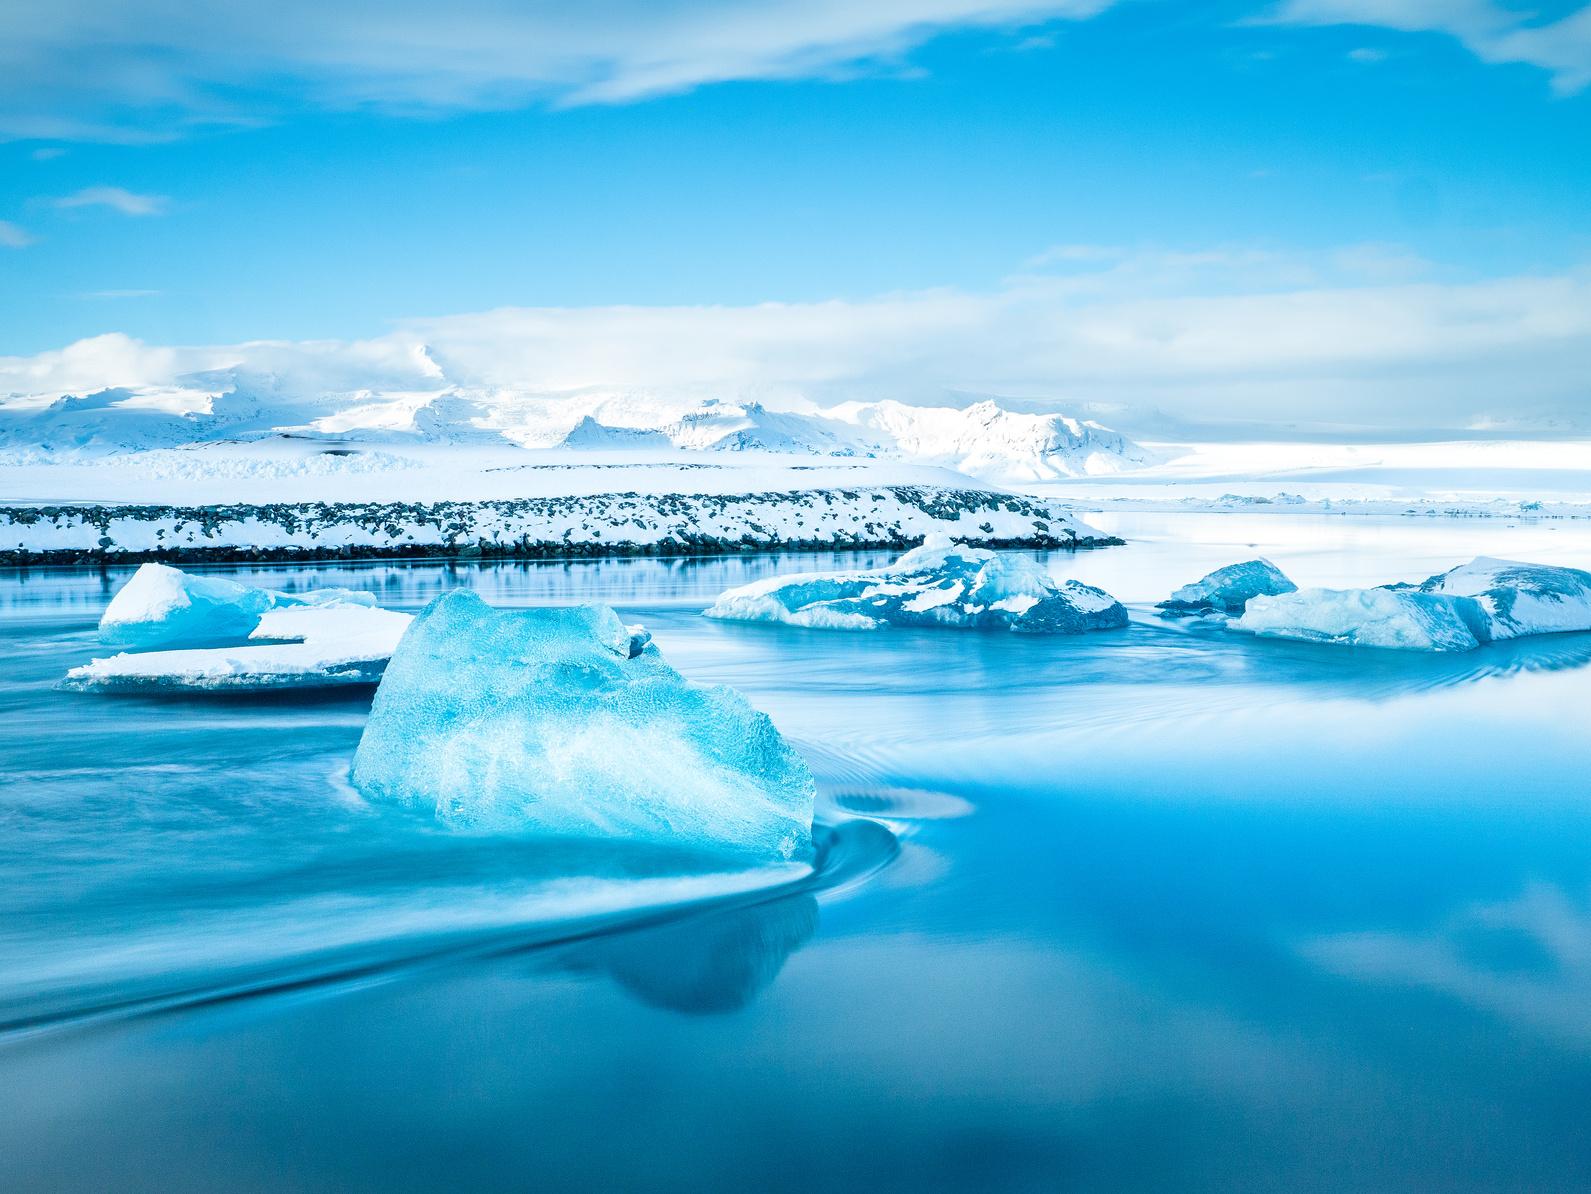 Réservoir de transport de glace carbonique de White Lion